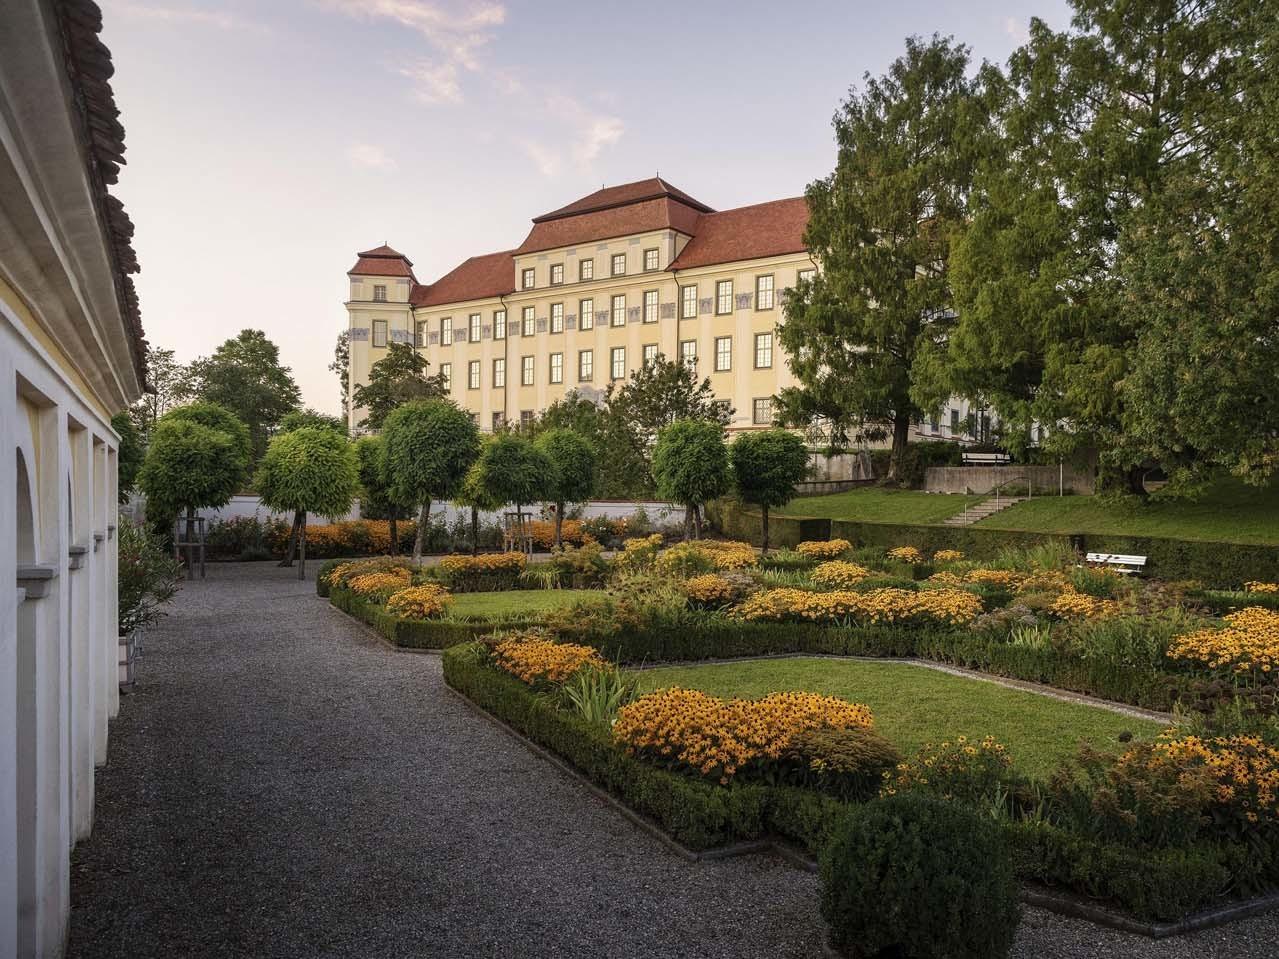 Blick in den Garten des Schlosses in Tettnang